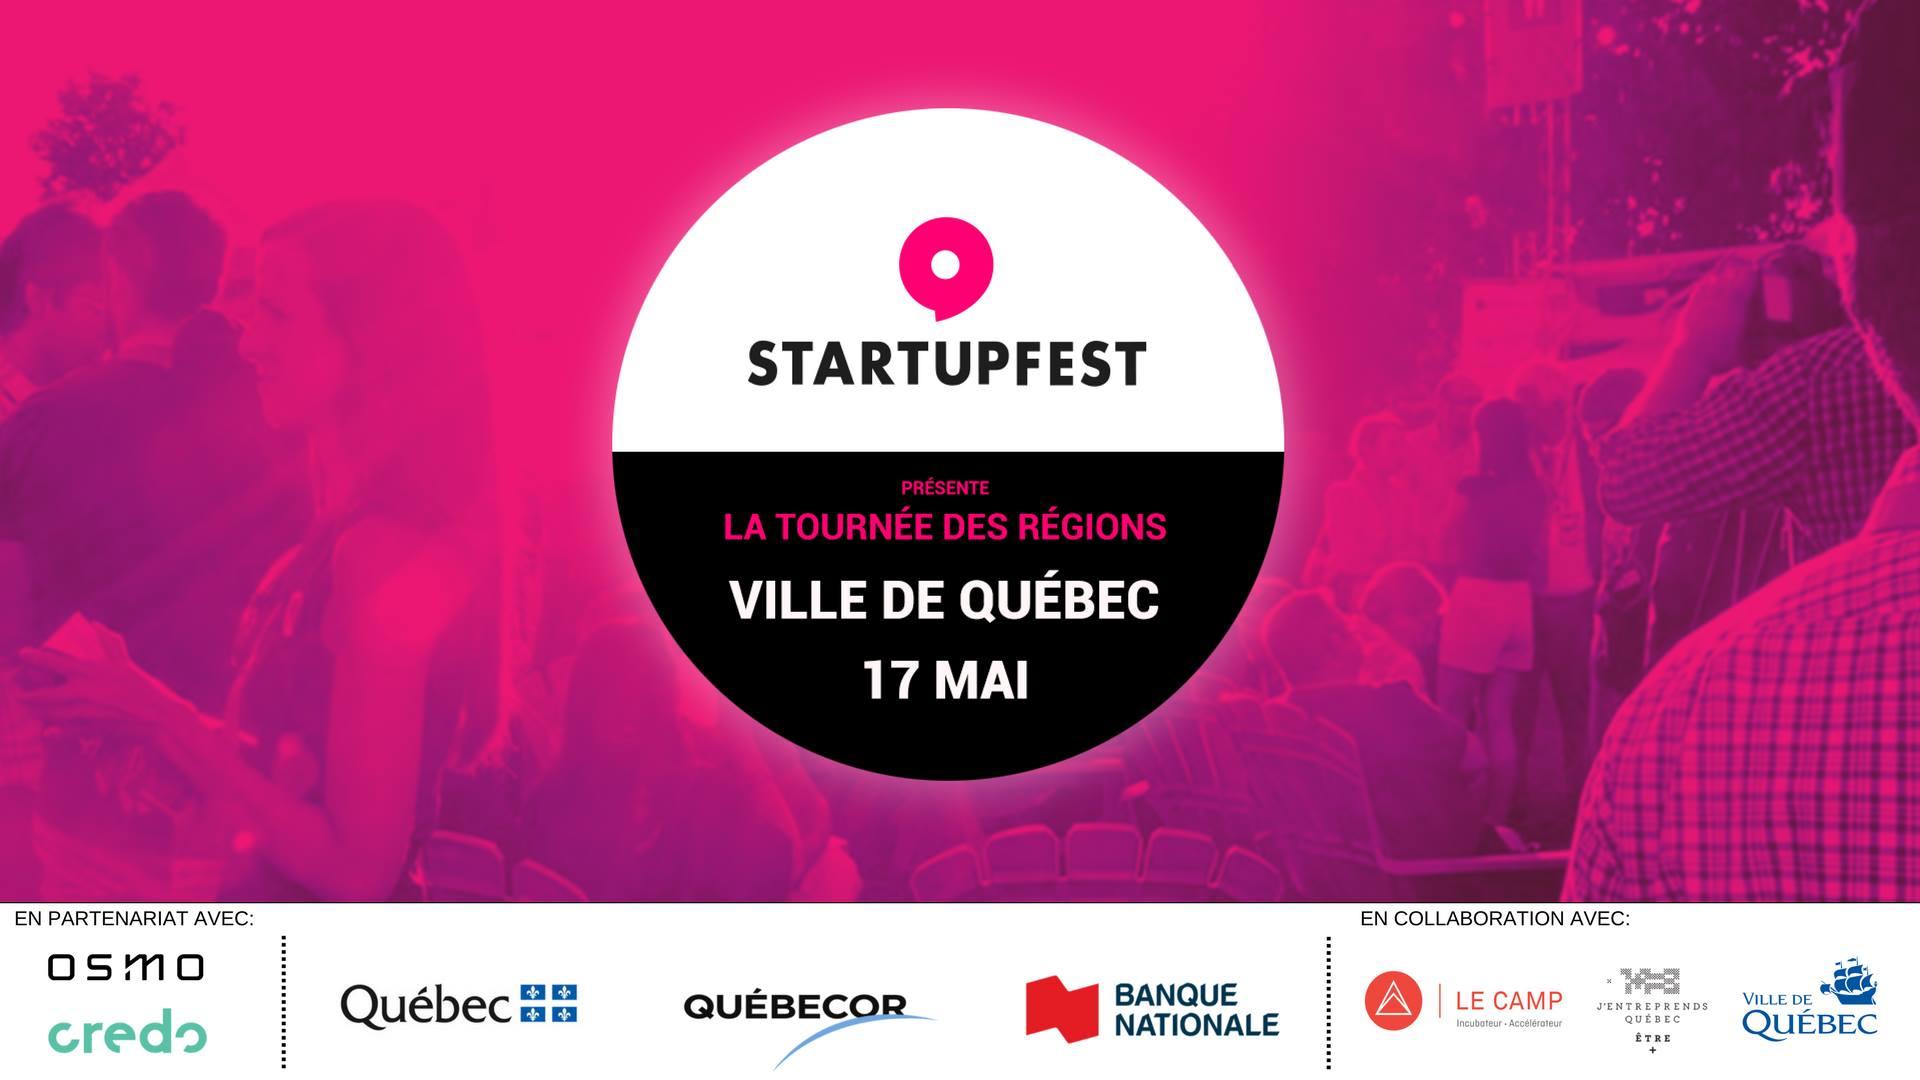 La Tournée des Régions du Startupfest: Ville de Québec